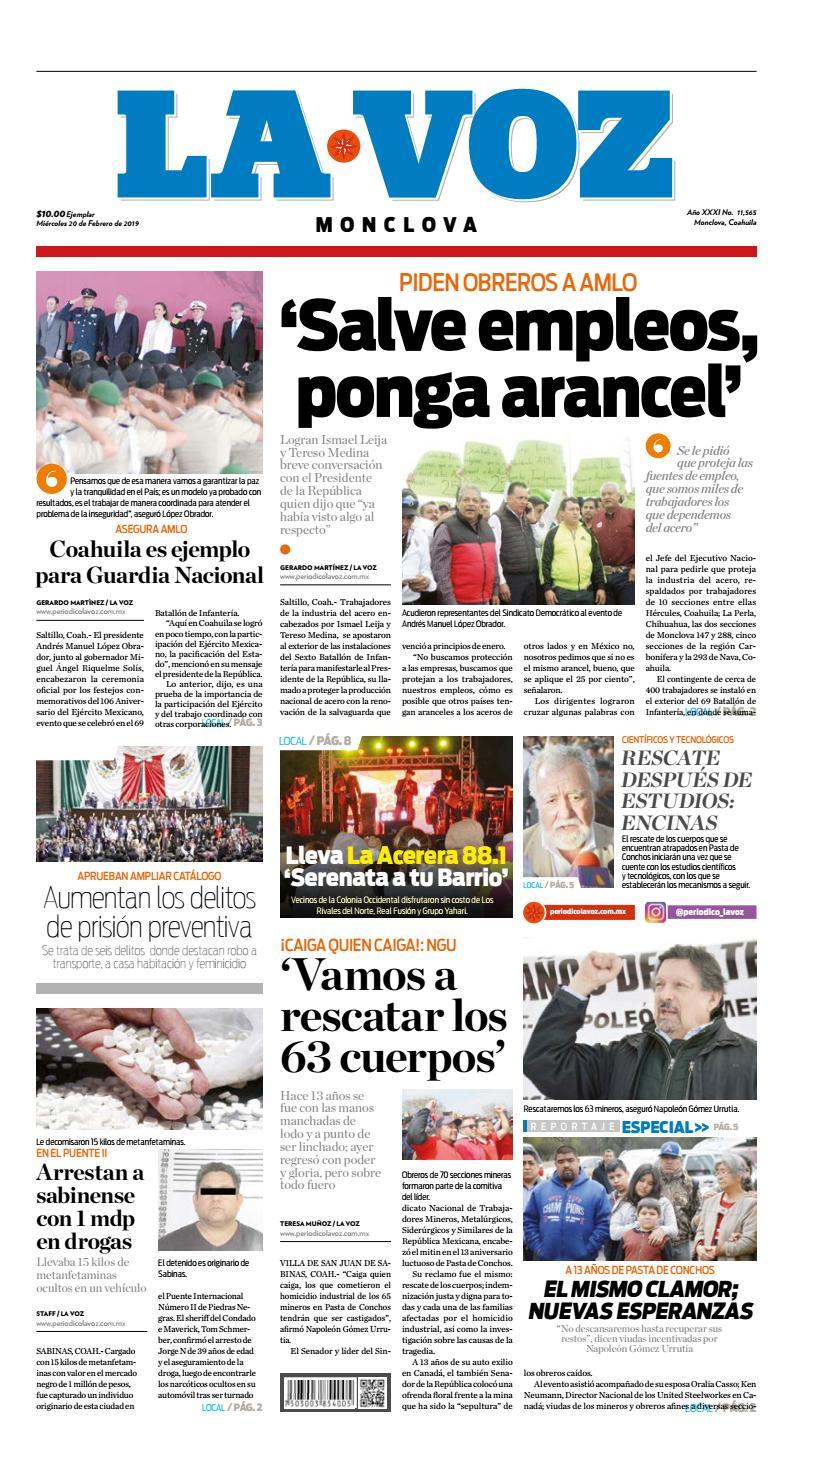 20 de febrero 2019 by La Voz Monclova - issuu 0cd75336c96e